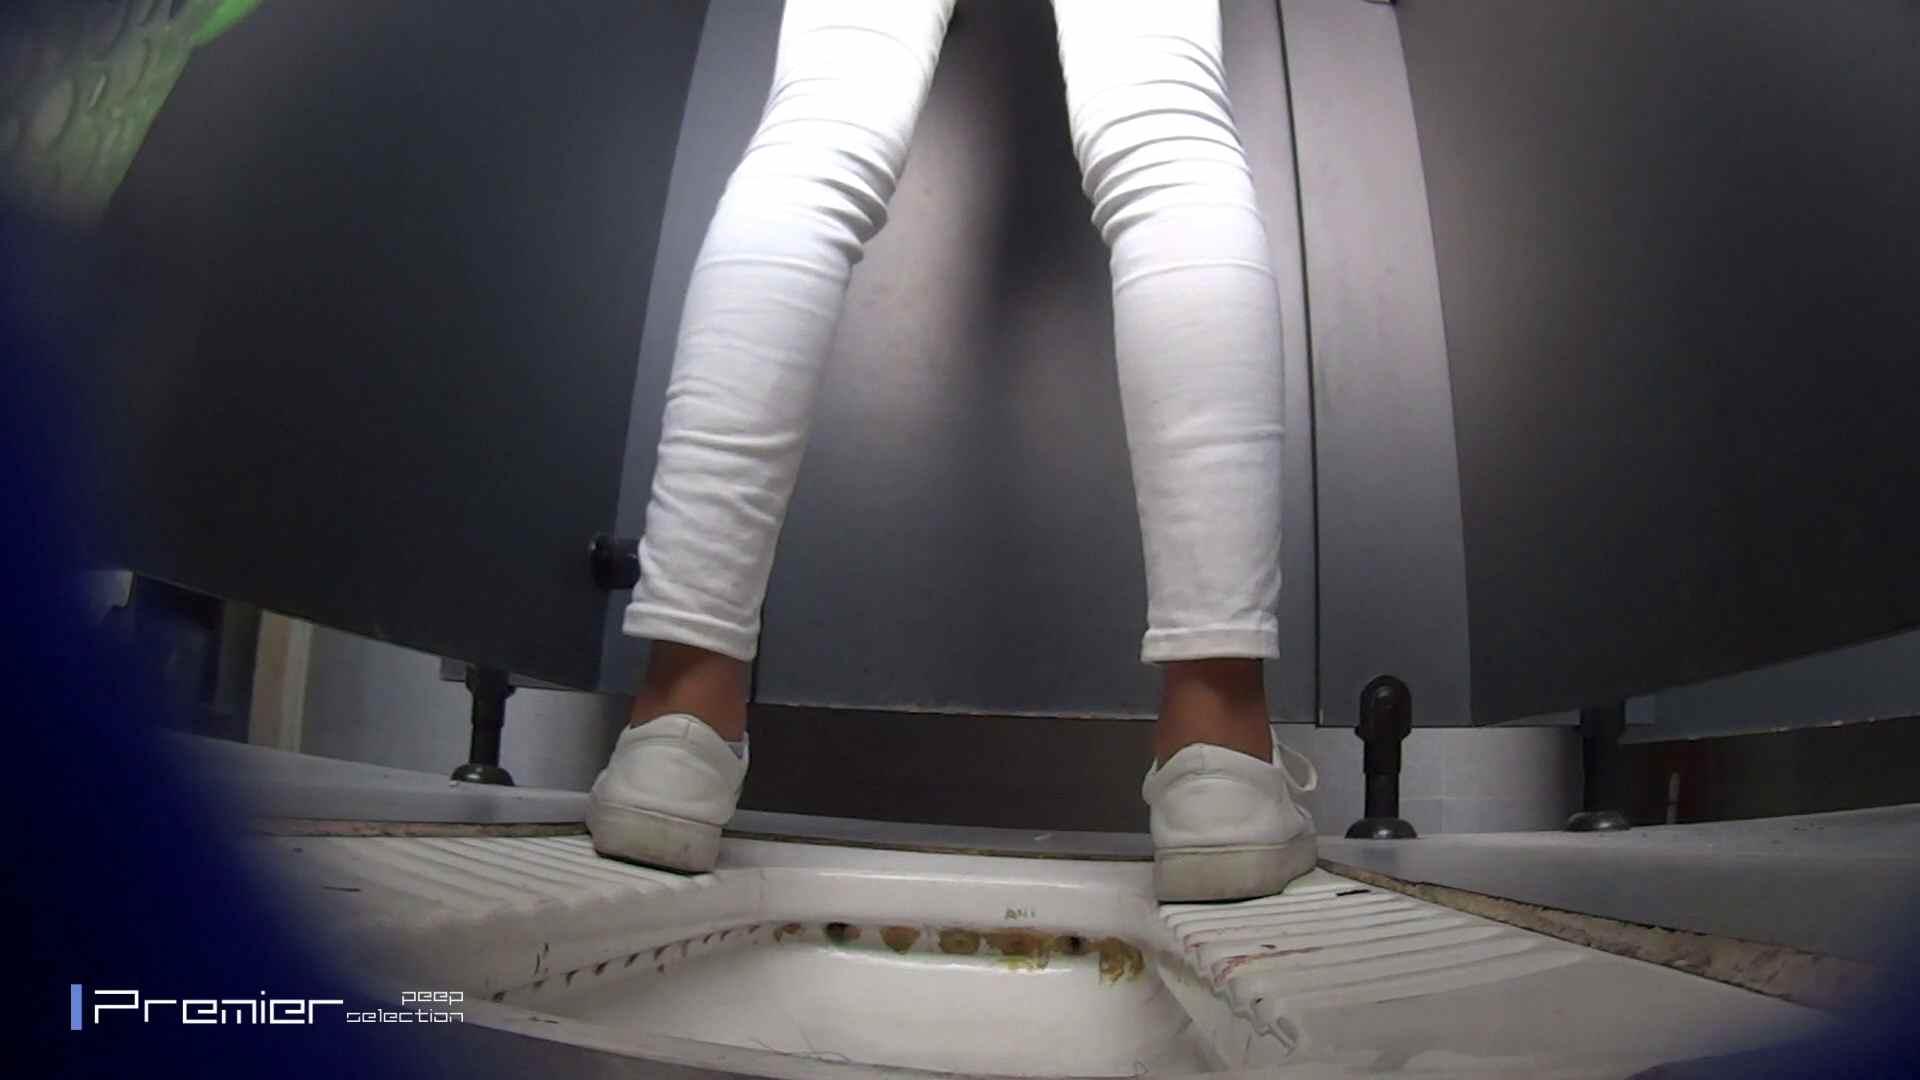 小麦色のお肌のお女市さん 学休憩時間の洗面所事情35 美肌 アダルト動画キャプチャ 66画像 24